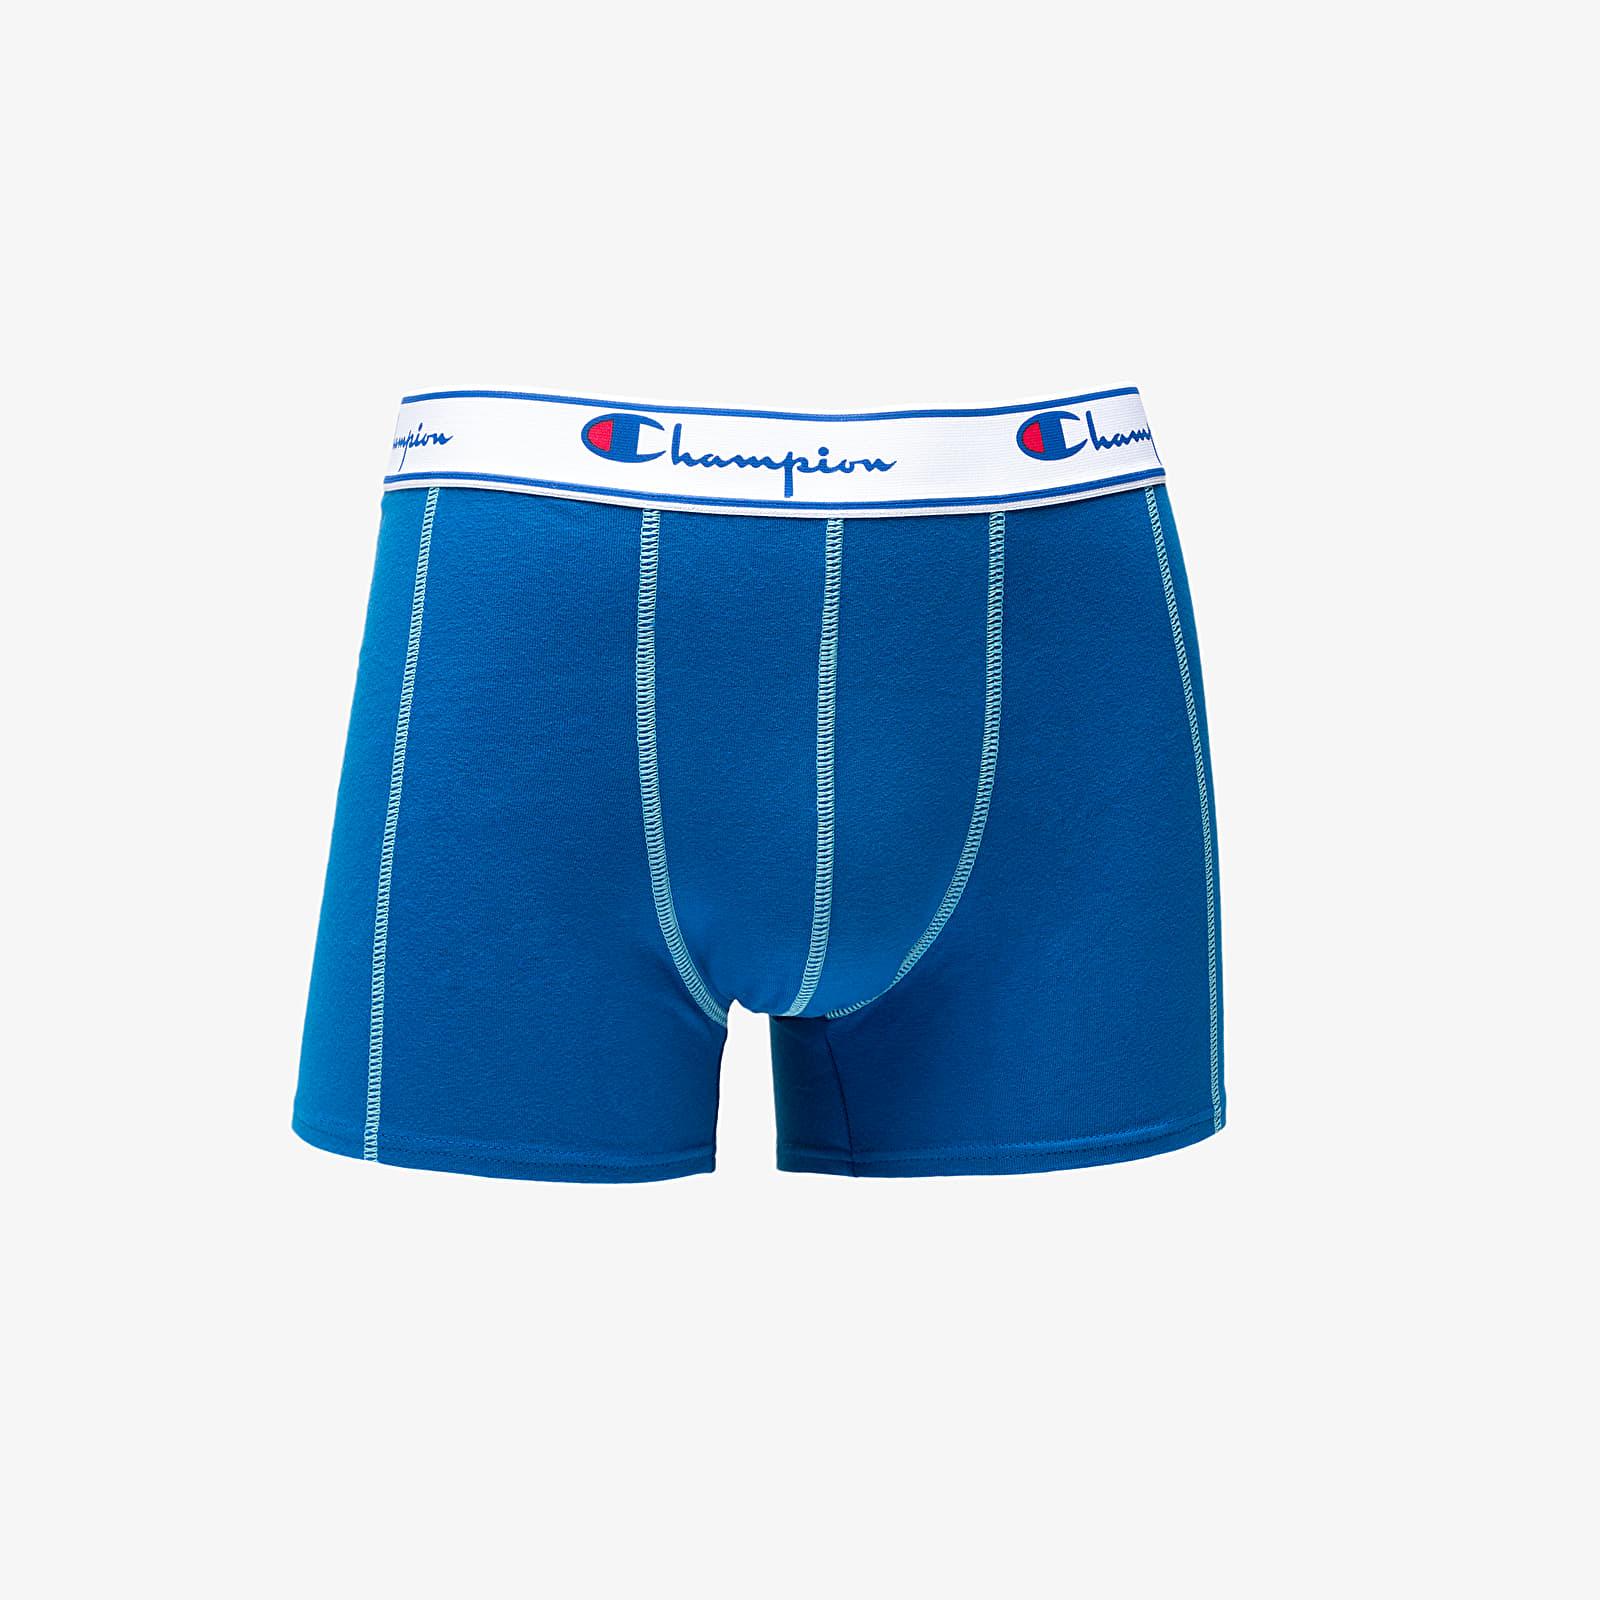 Männerunterwäsche Champion 3Pack Boxer Grey/ Navy/ Blue